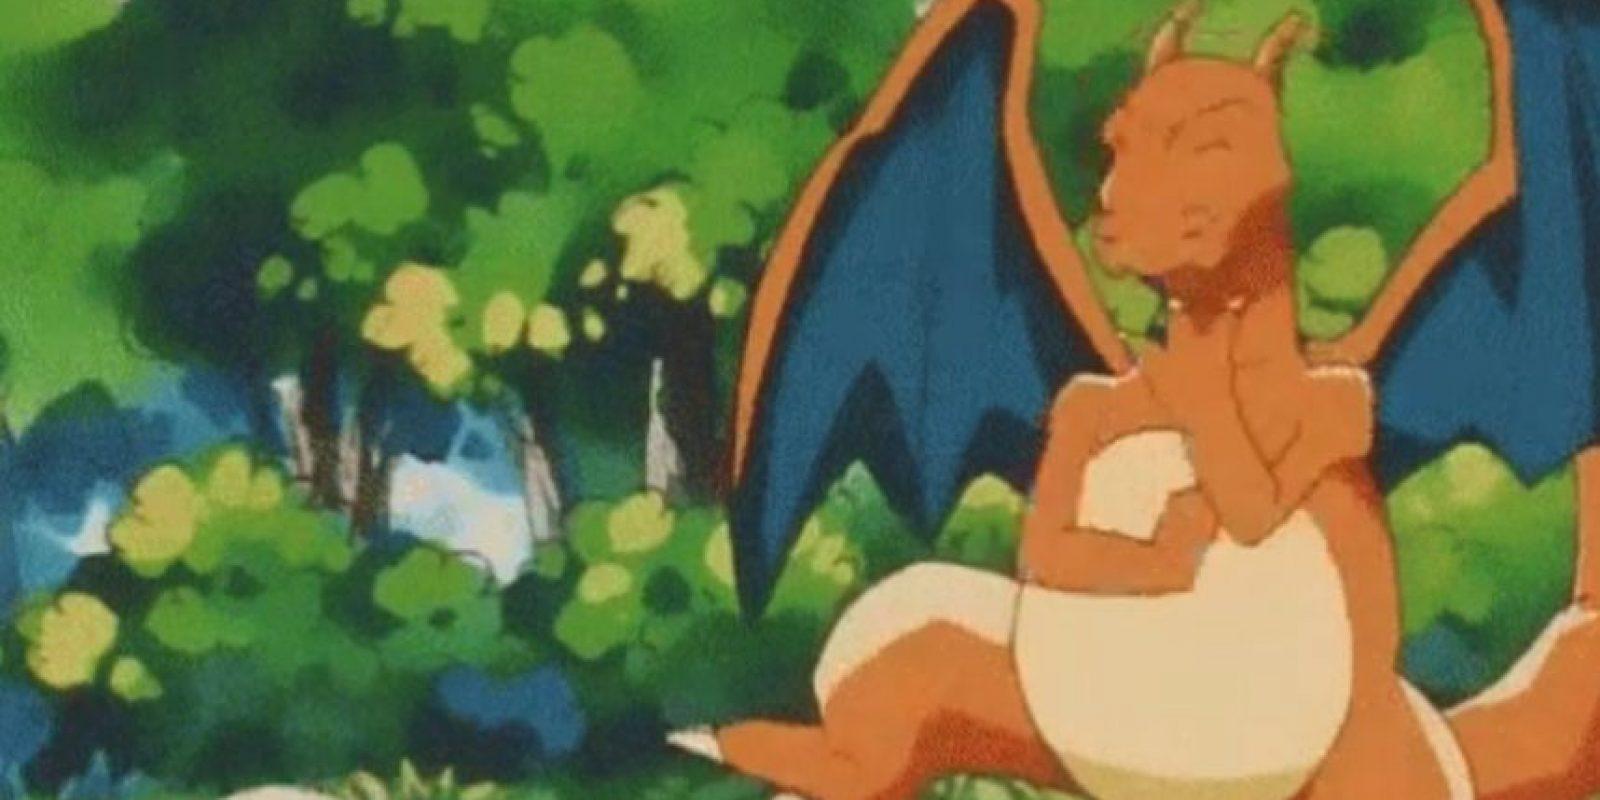 Dos Pokémon hicieron que la gente se volviera loca en Central Park, ubicado en Nueva York: se trata de Charizard, criatura tipo fuego y última evolución de Charmander. Foto:Oriental Light and Magic